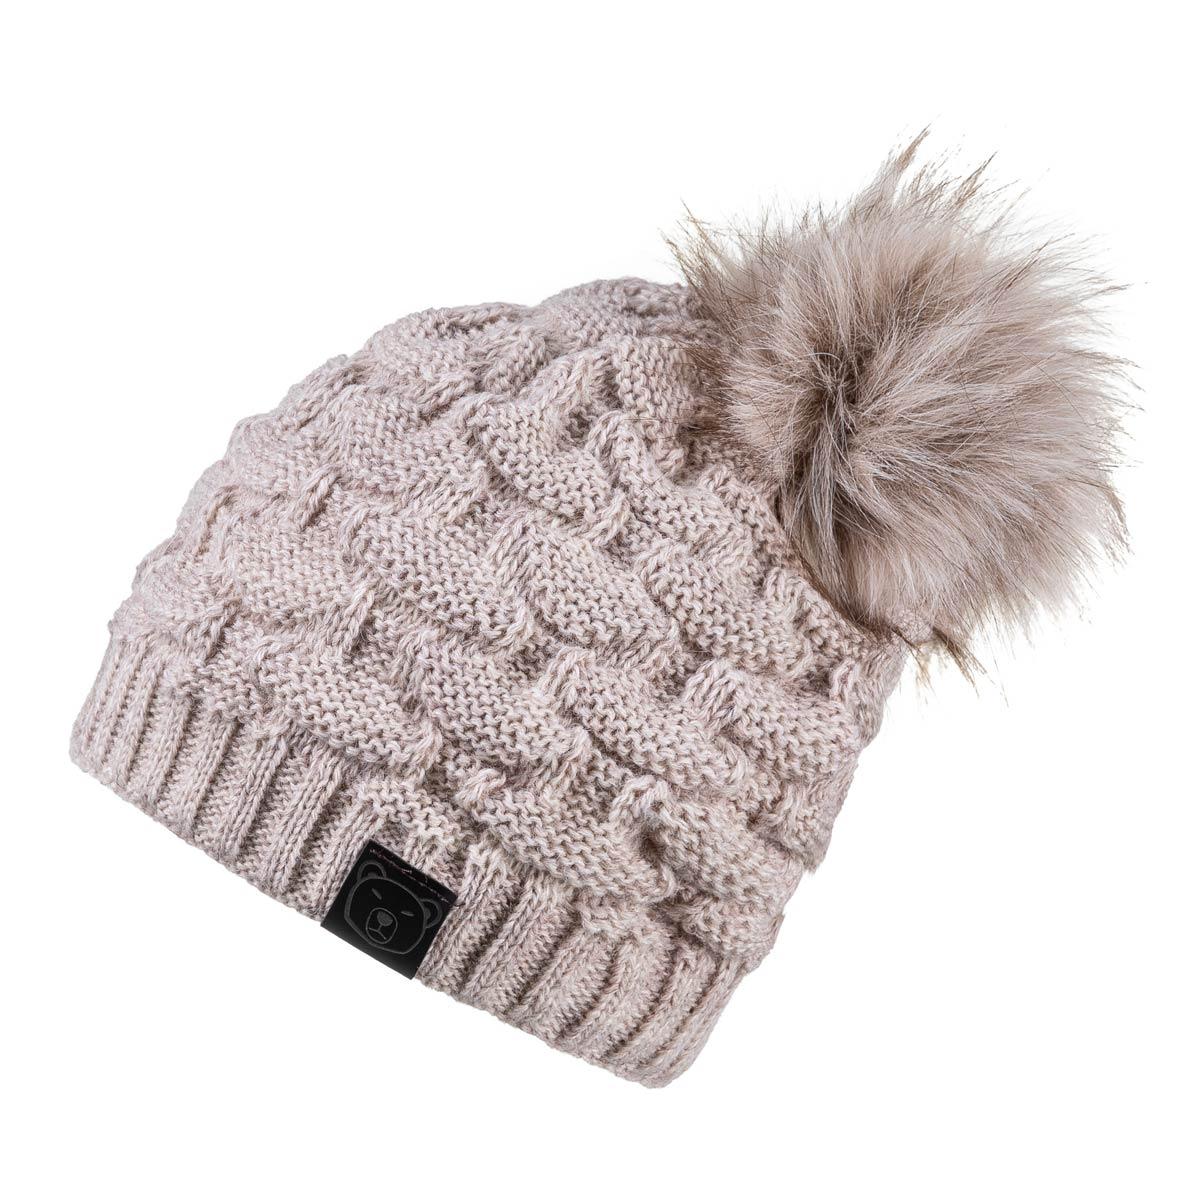 CP-01597-F12-bonnet-hiver-femme-beige